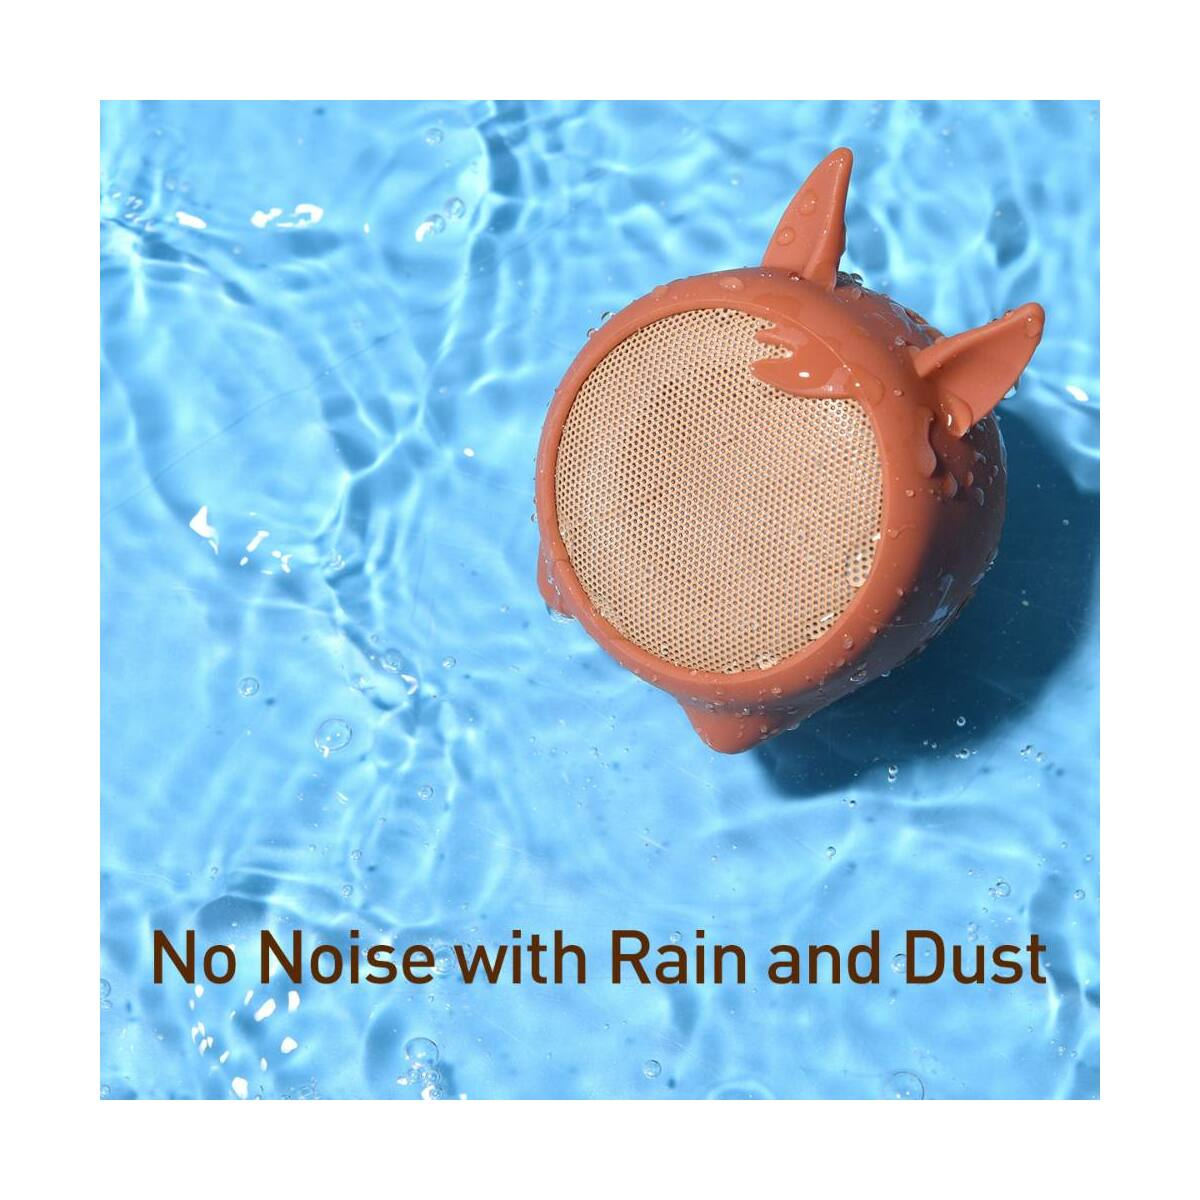 Baseus Hordozható hangszóró Bluetooth Encok E06, 4-5 óra zene hallgatás, 450 mAh,kínai zodiákus ló, barna (NGE06-08)